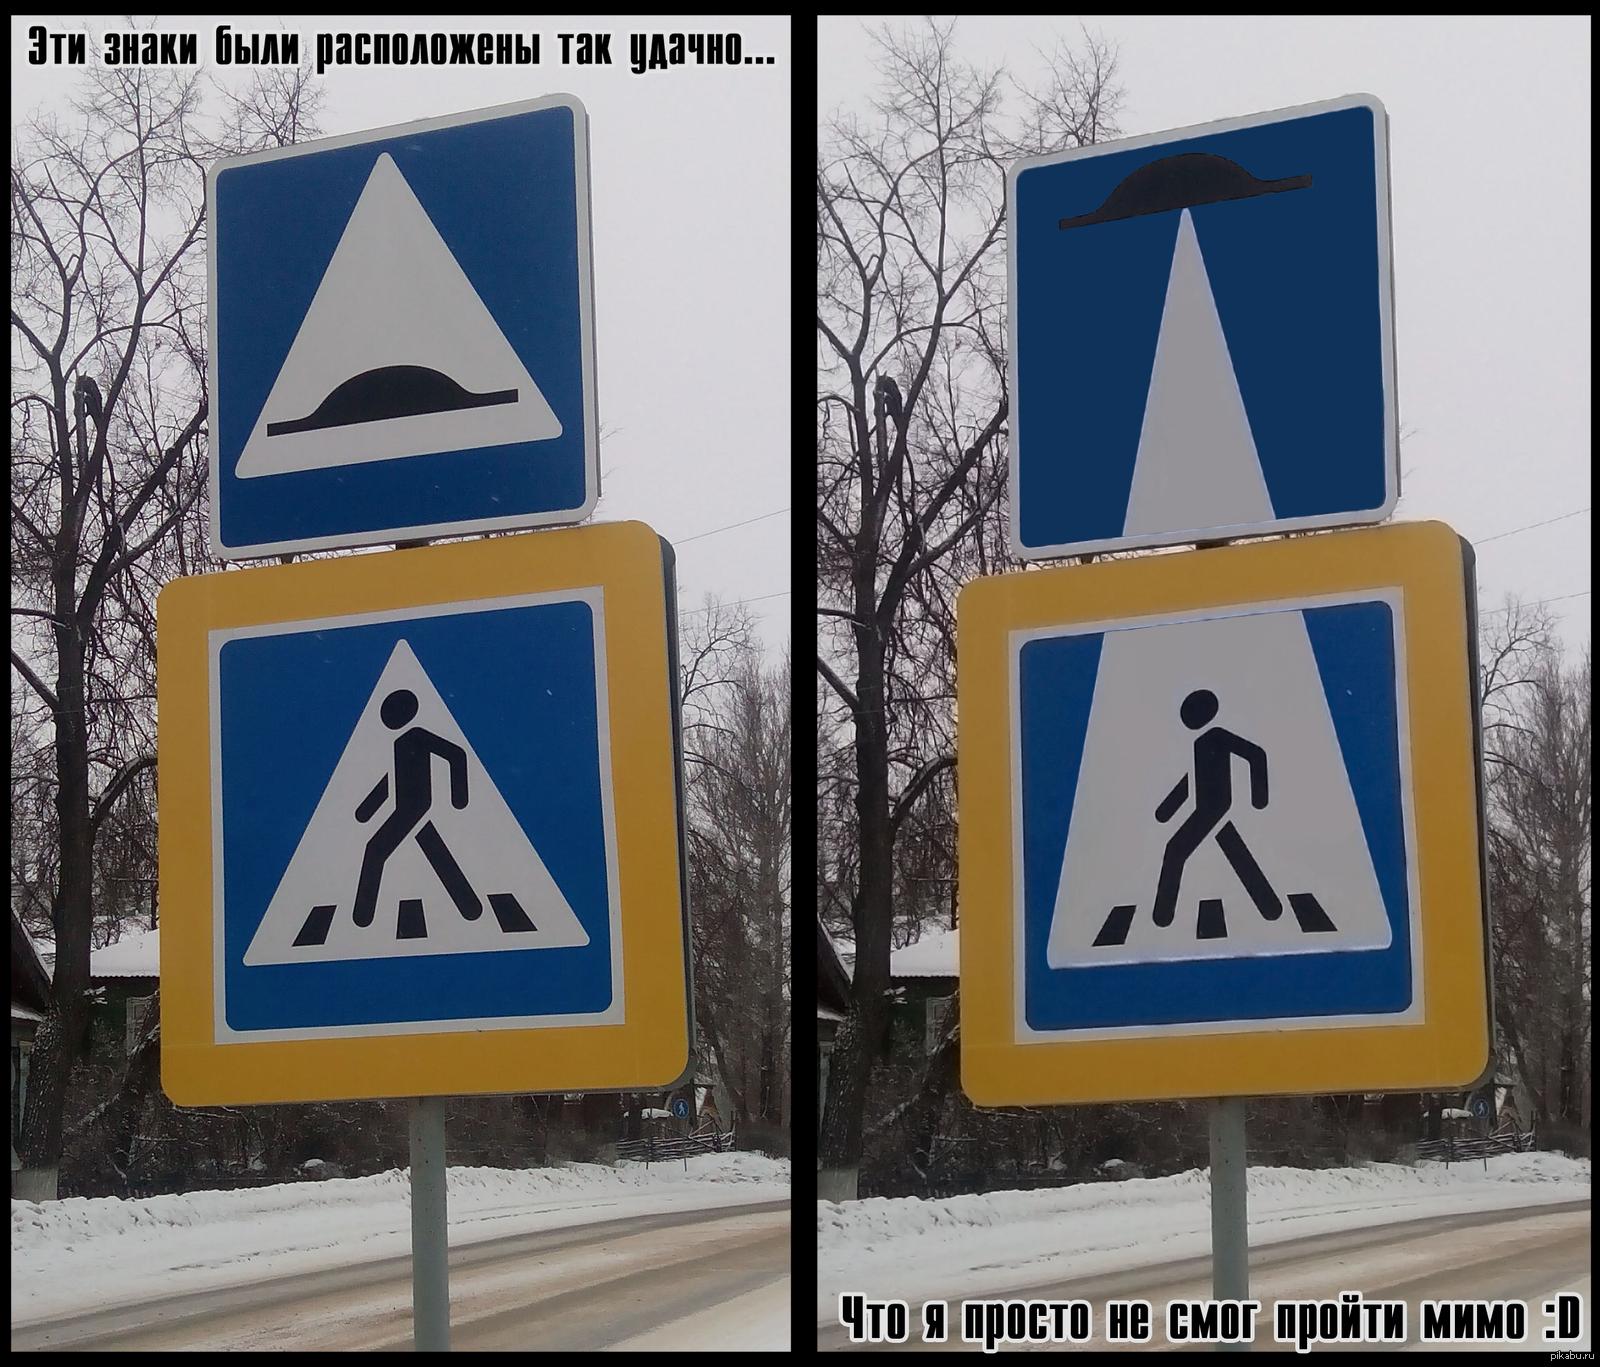 Картинки знаков дорожного движения приколы, времена вов